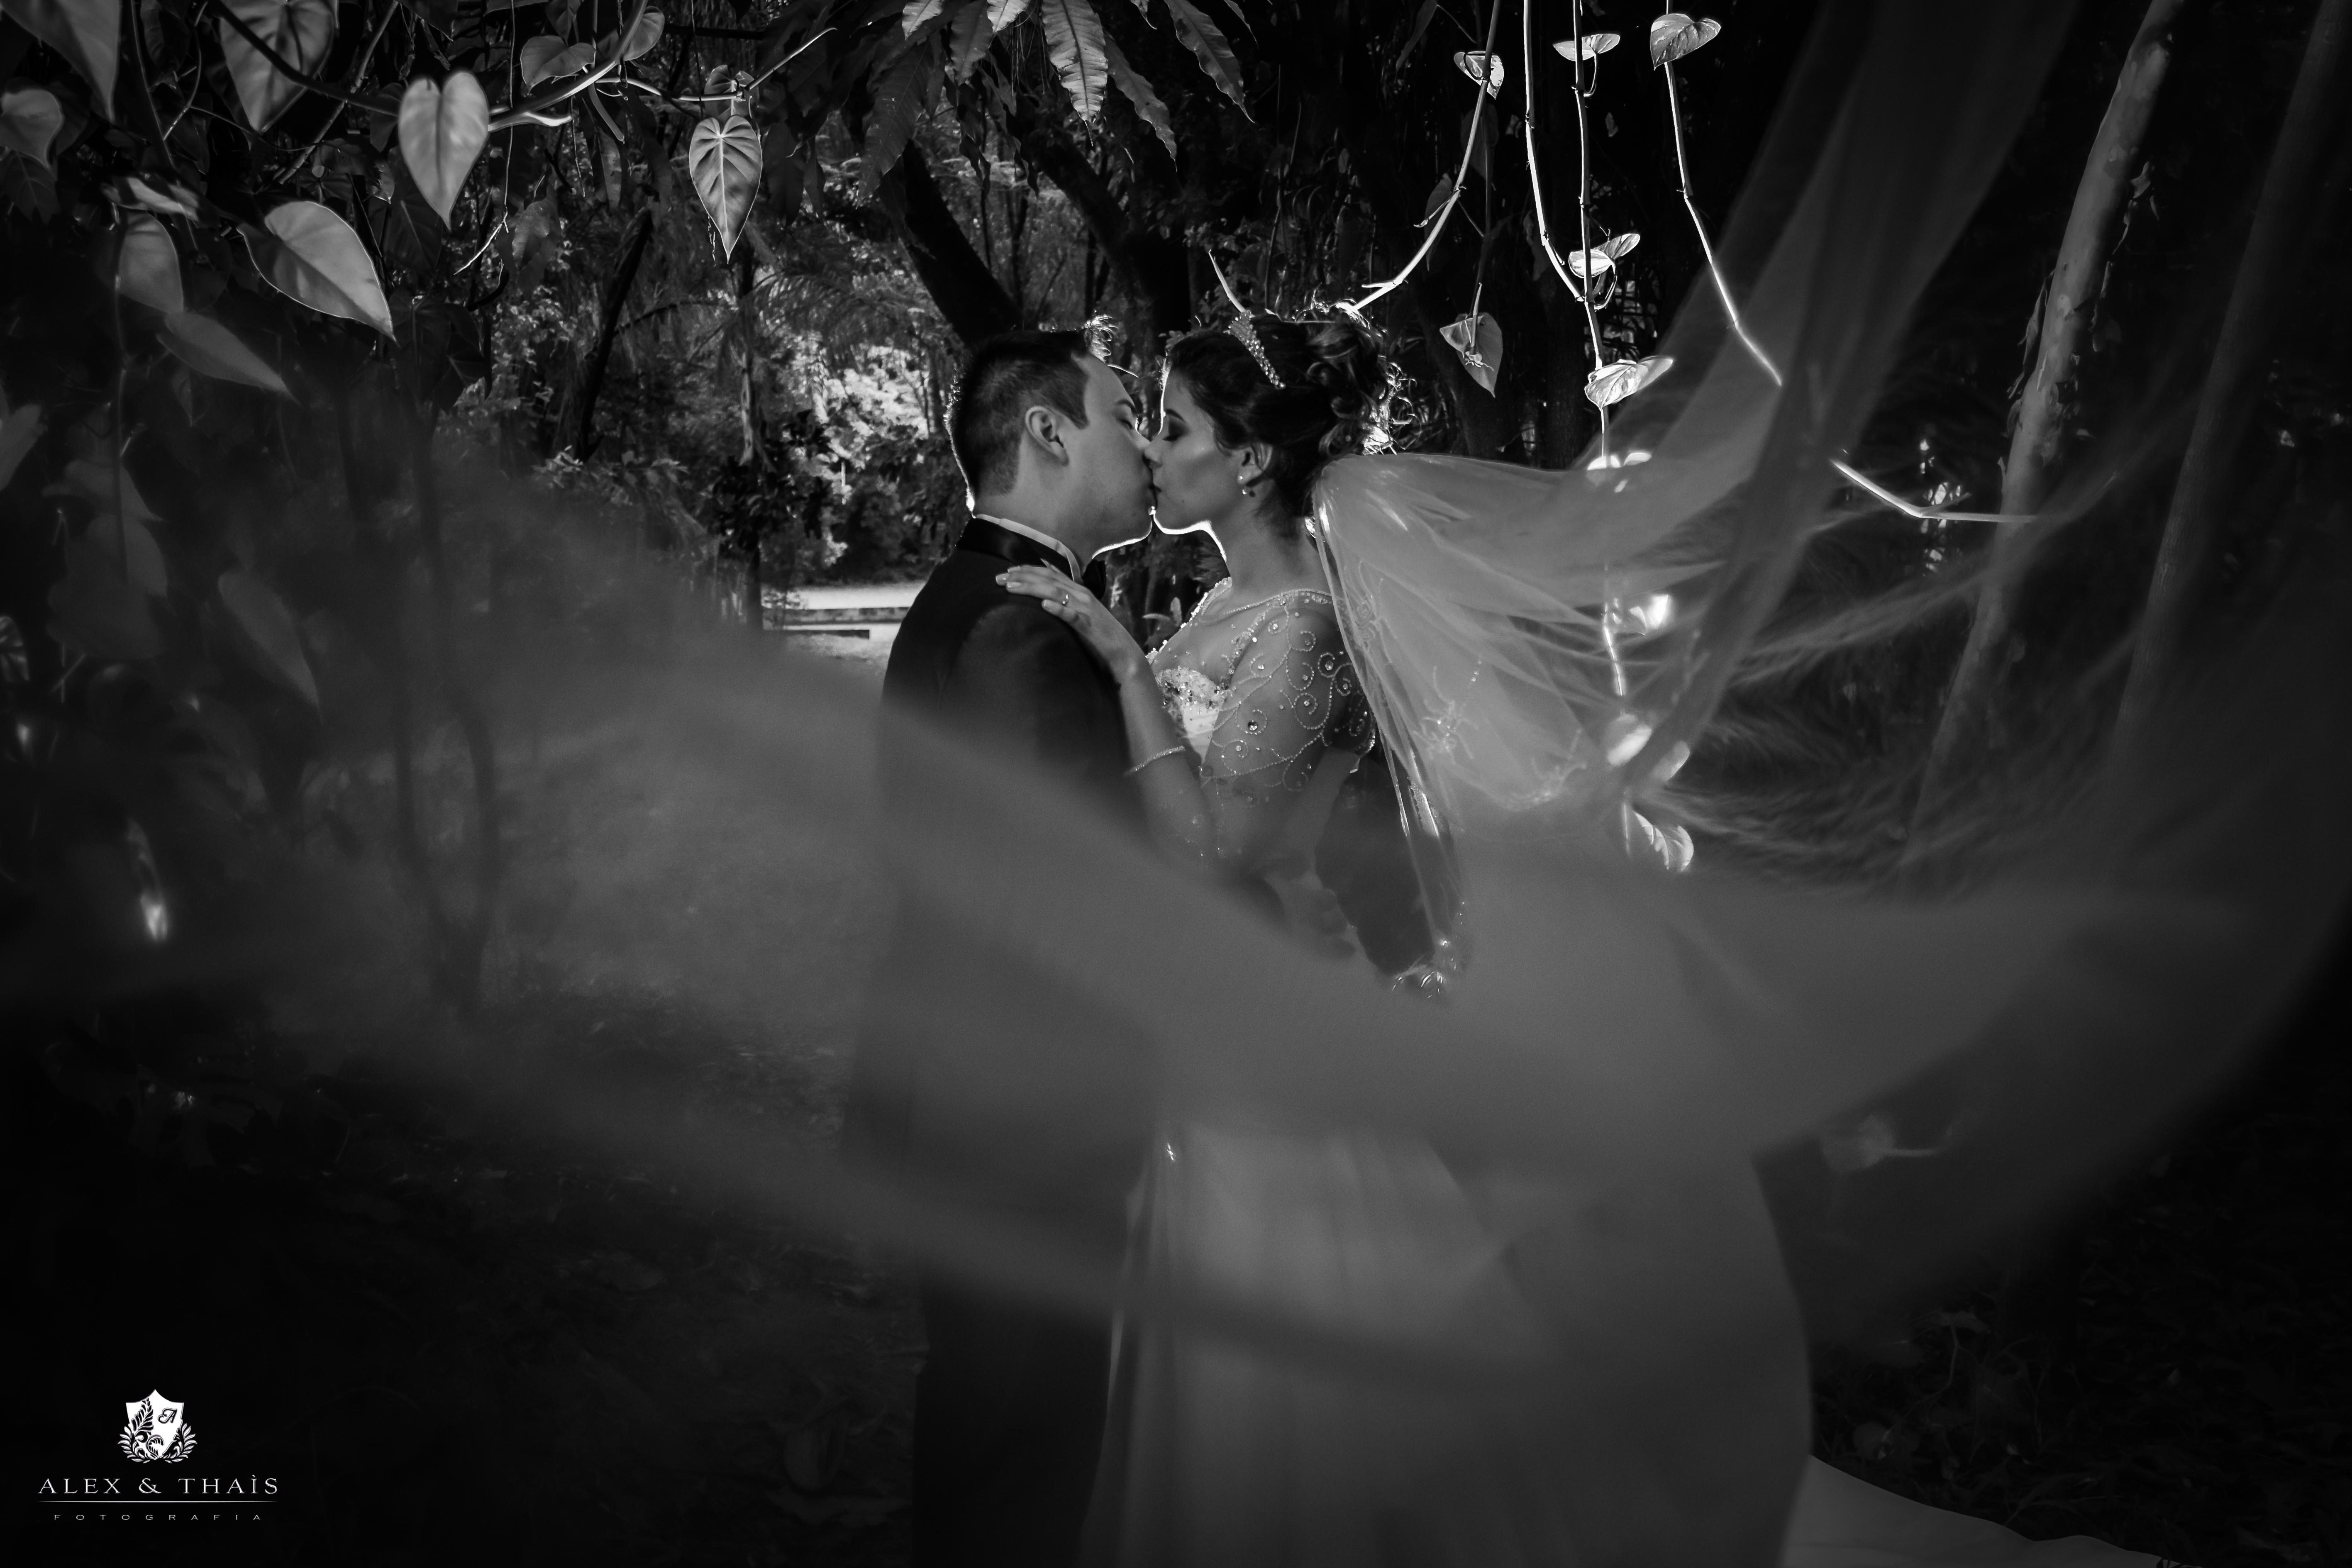 Contate Fotografos de Casamento em Jundiaí e região - Alex & Thais